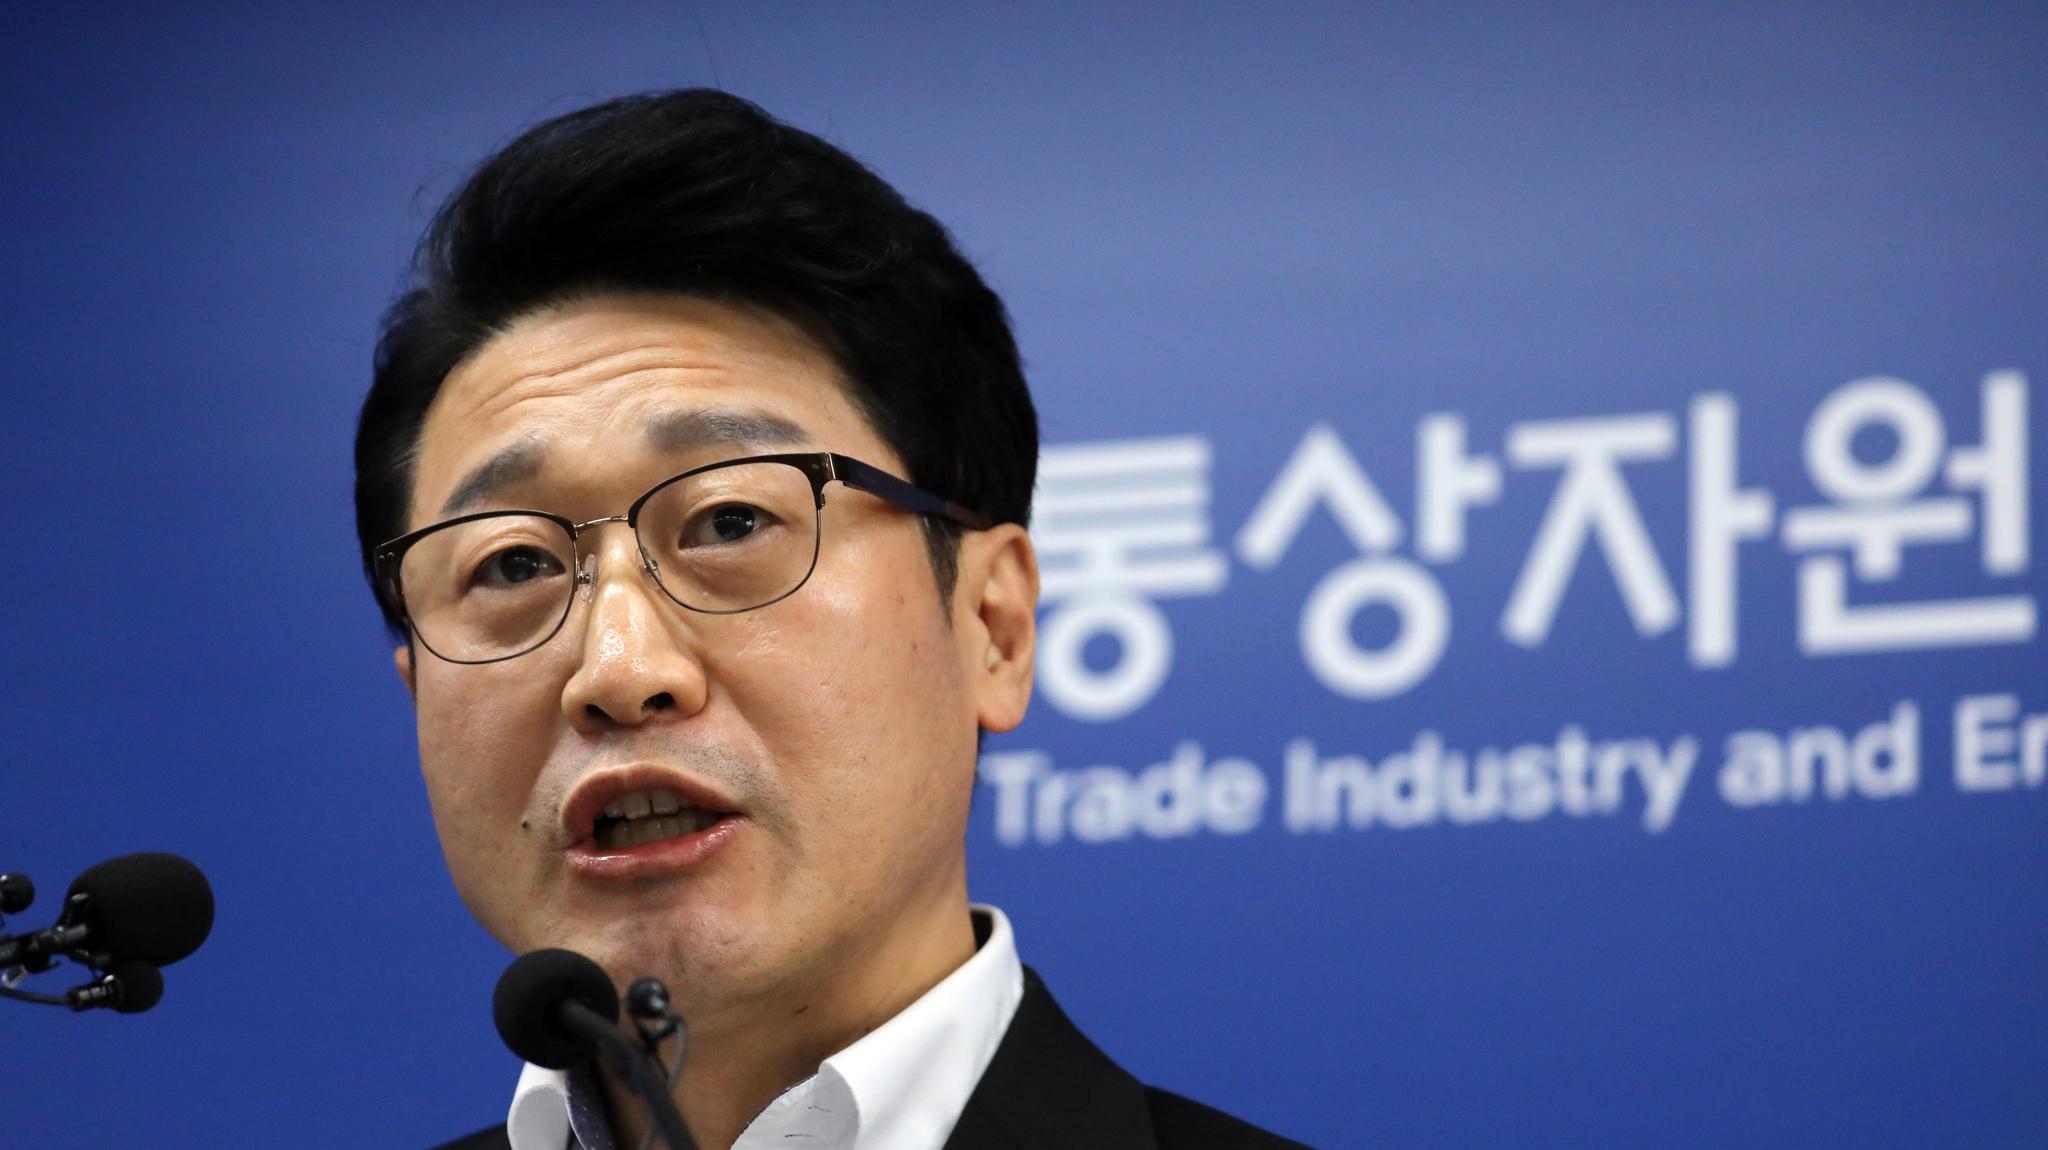 이호현 산업통상자원부 무역정책관이 지난달 12일 정부세종청사 산자부 기자실에서 '일본 수출규제 관련 대응현황 및 향후계획' 브리핑을 하고 있다. 뉴스1